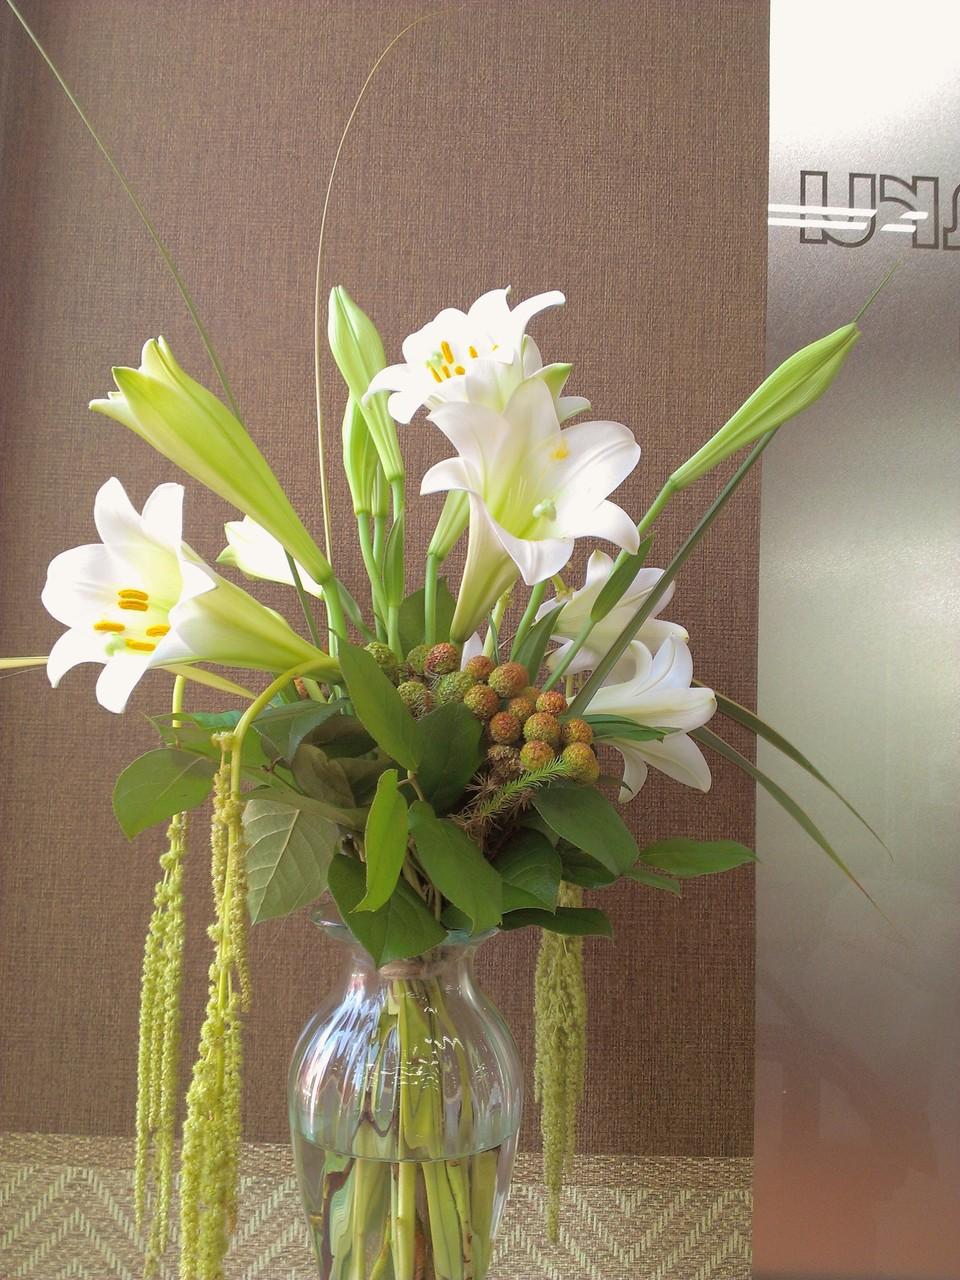 2014.07.16  テッポウユリ、バーゼリア、アマランサス、レモンリーフ ・白く可憐に咲くテッポウユリと中央にコロンと丸く膨らんだバーゼリア、花瓶から逃げ出すように垂れ下がるアマランサス。個性豊かなお花が上下左右どちらからでも楽しめるアレンジメントとなっております。花言葉:テッポウユリ【無垢・純潔】、バーゼリア【小さな勇気】、アマランサス【不老不死】と言うそうです。個性の強いお花をまとめるのがつややかな緑色の葉っぱでレモンリーフ。これはレモンの形に葉っぱが似ている事から名付られたそうです。単純(笑)